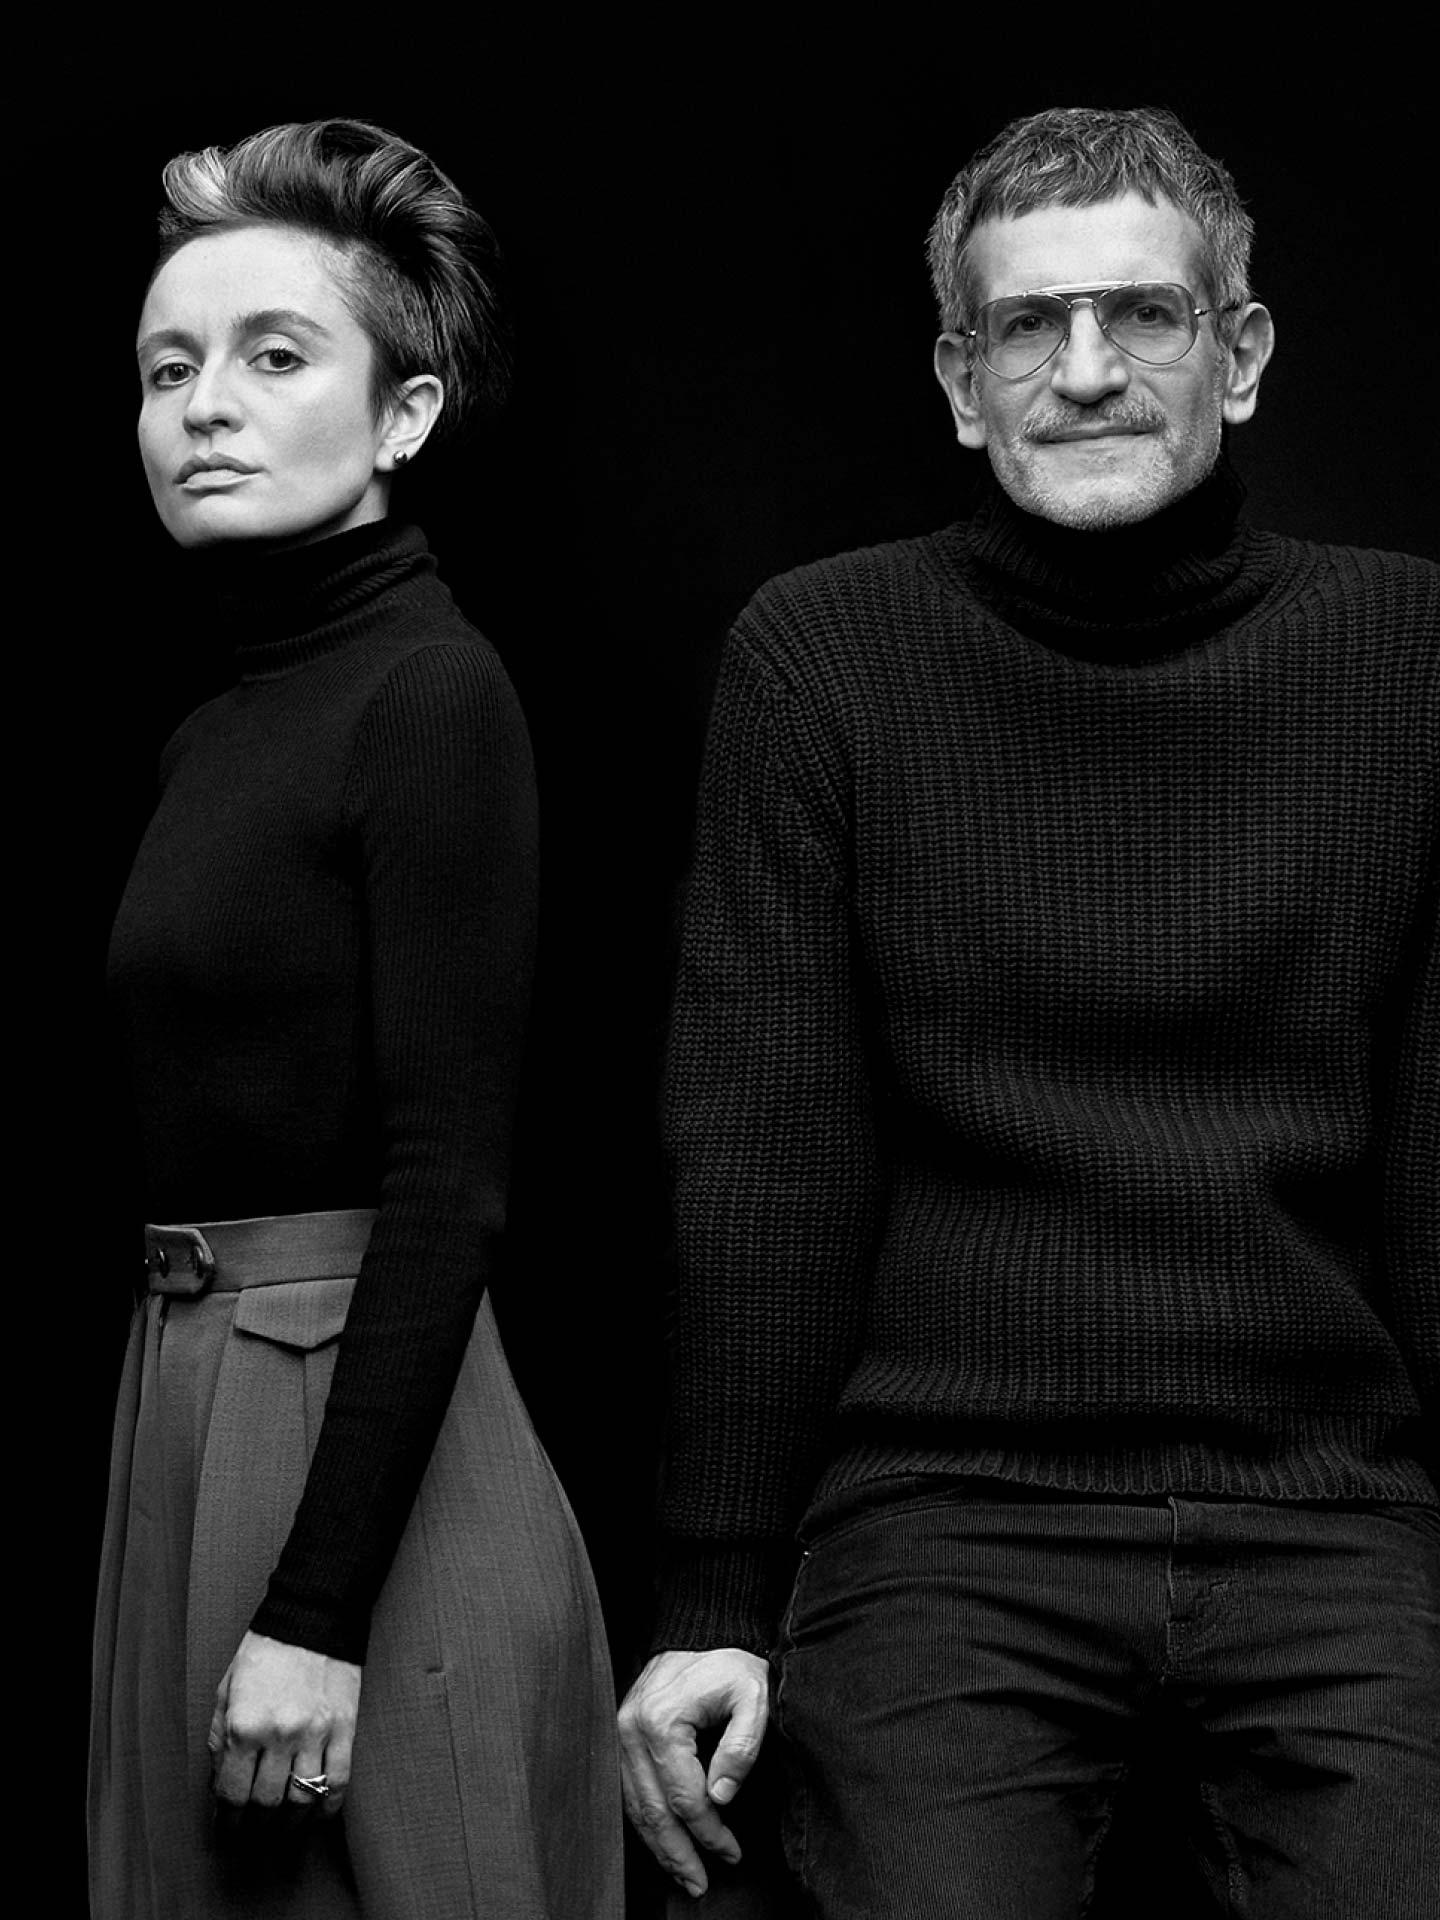 Stylisten Veronica Leoni und Sergio Zambon für Moncler Genius